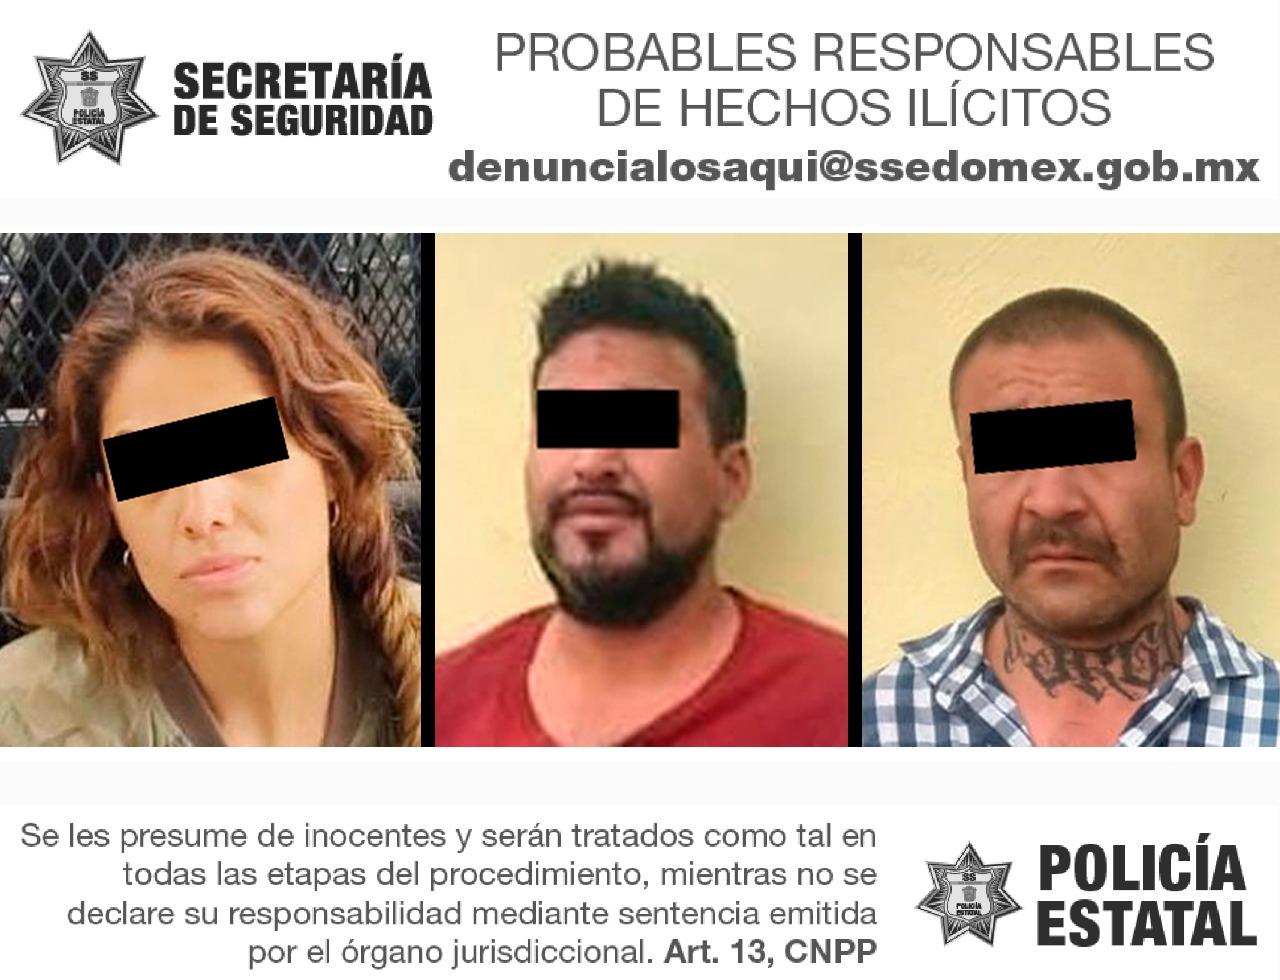 LOCALIZAN VEHÍCULO ROBADO, ASEGURAN PREDIO Y DETIENEN A 3 POSIBLES RESPONSABLES